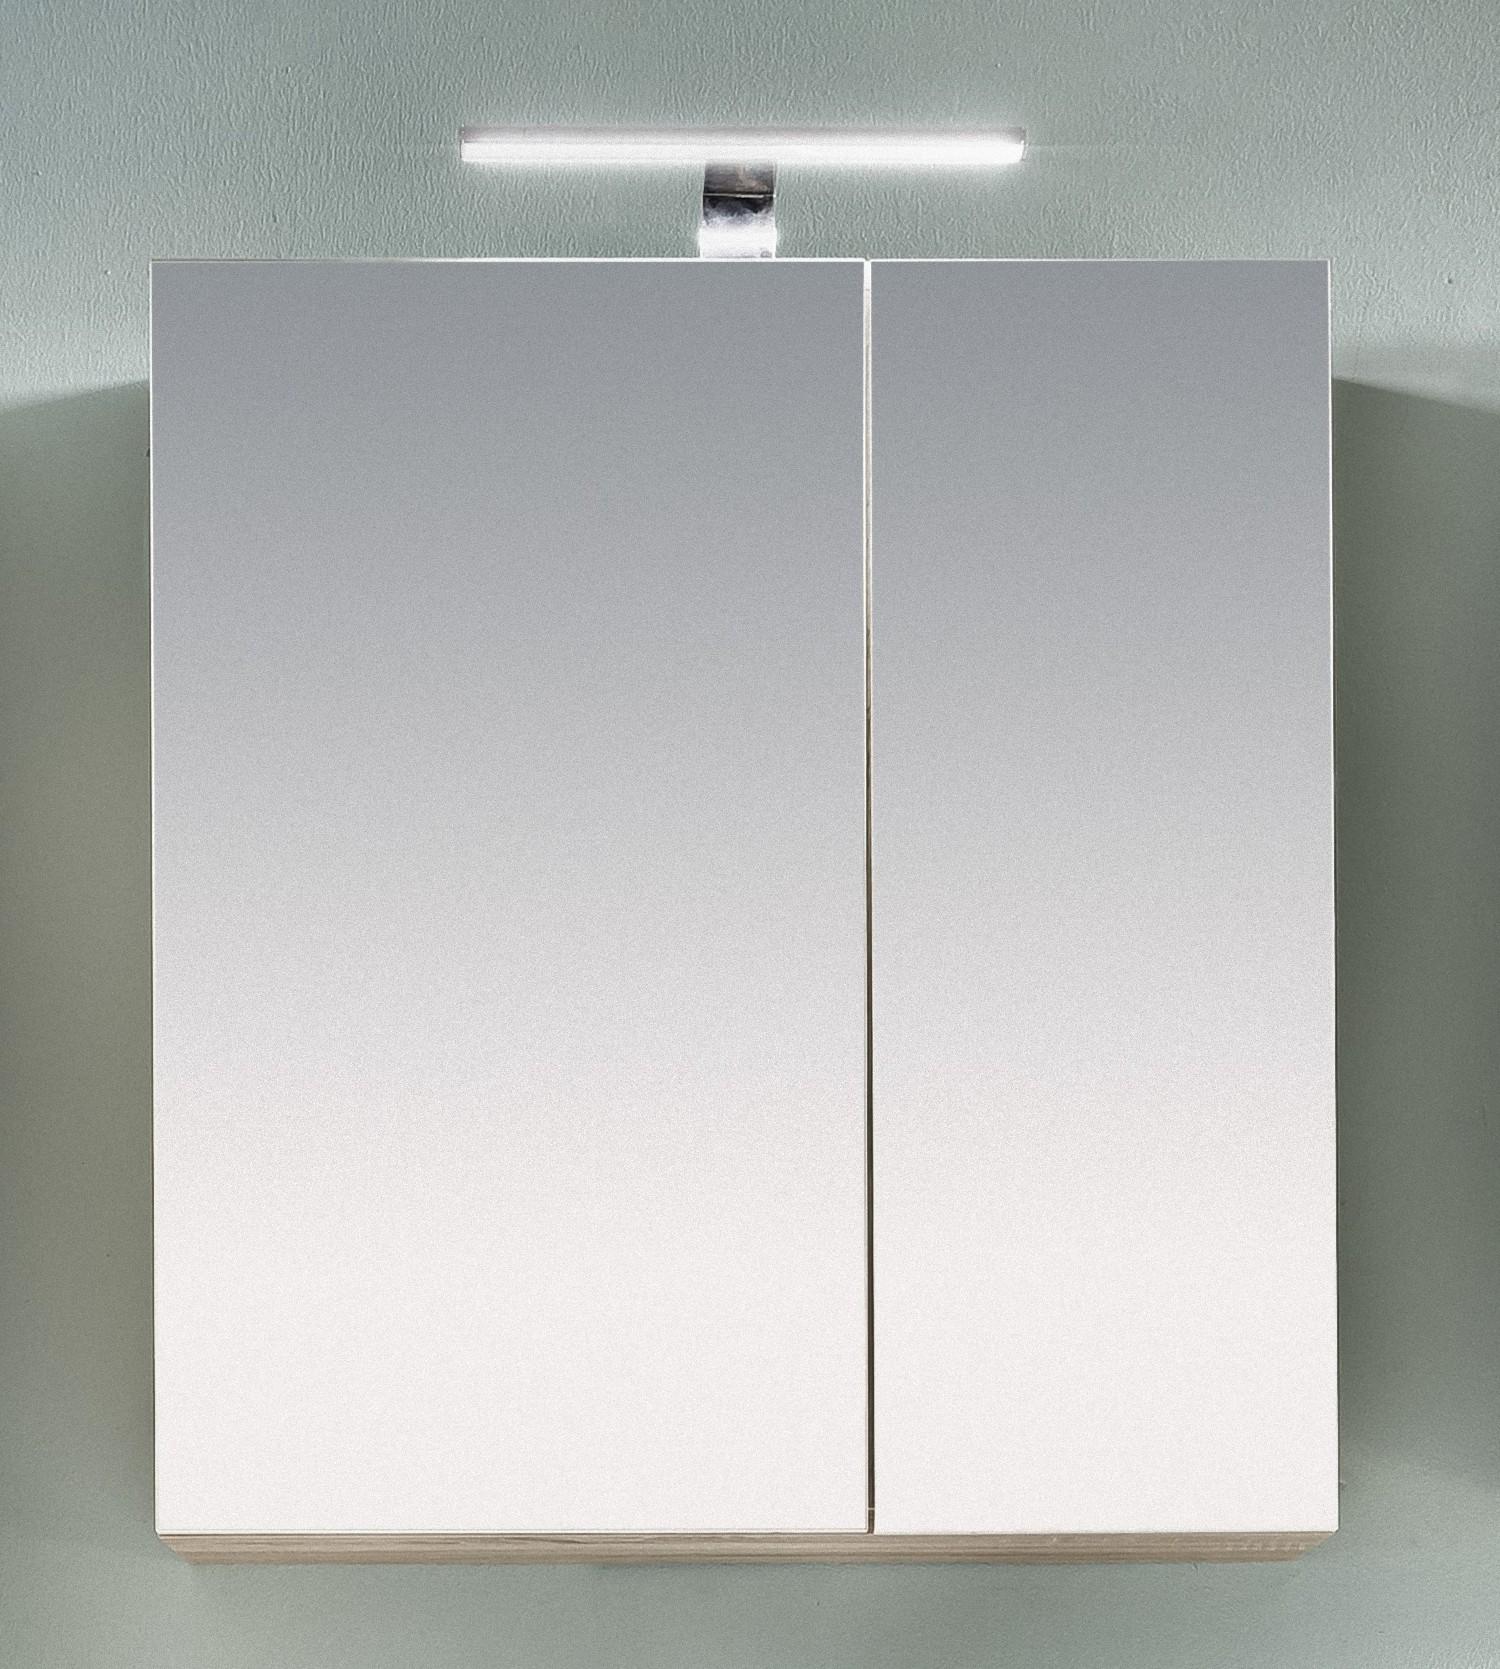 Badezimmer Spiegelschrank Porto Bad Eiche Spiegel Hängeschrank Bad ...